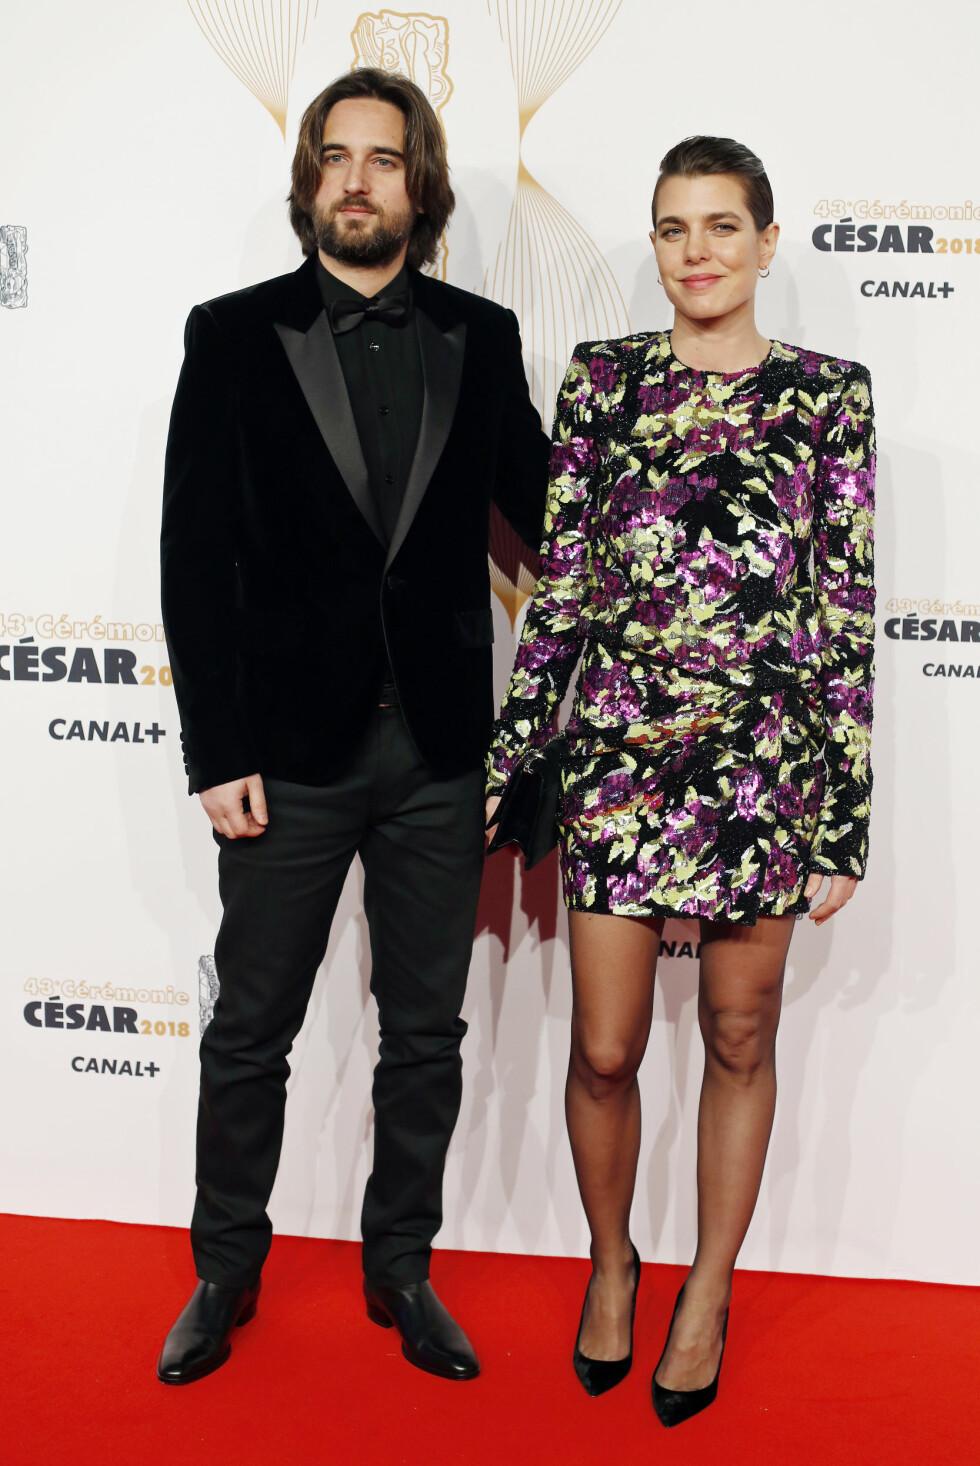 I FILMBRANSJEN: Dimitri og Charlotte poserte sammen på rød løper under Cesar Film Awards i Paris i begynnelsen av mars. FOTO: NTB Scanpix